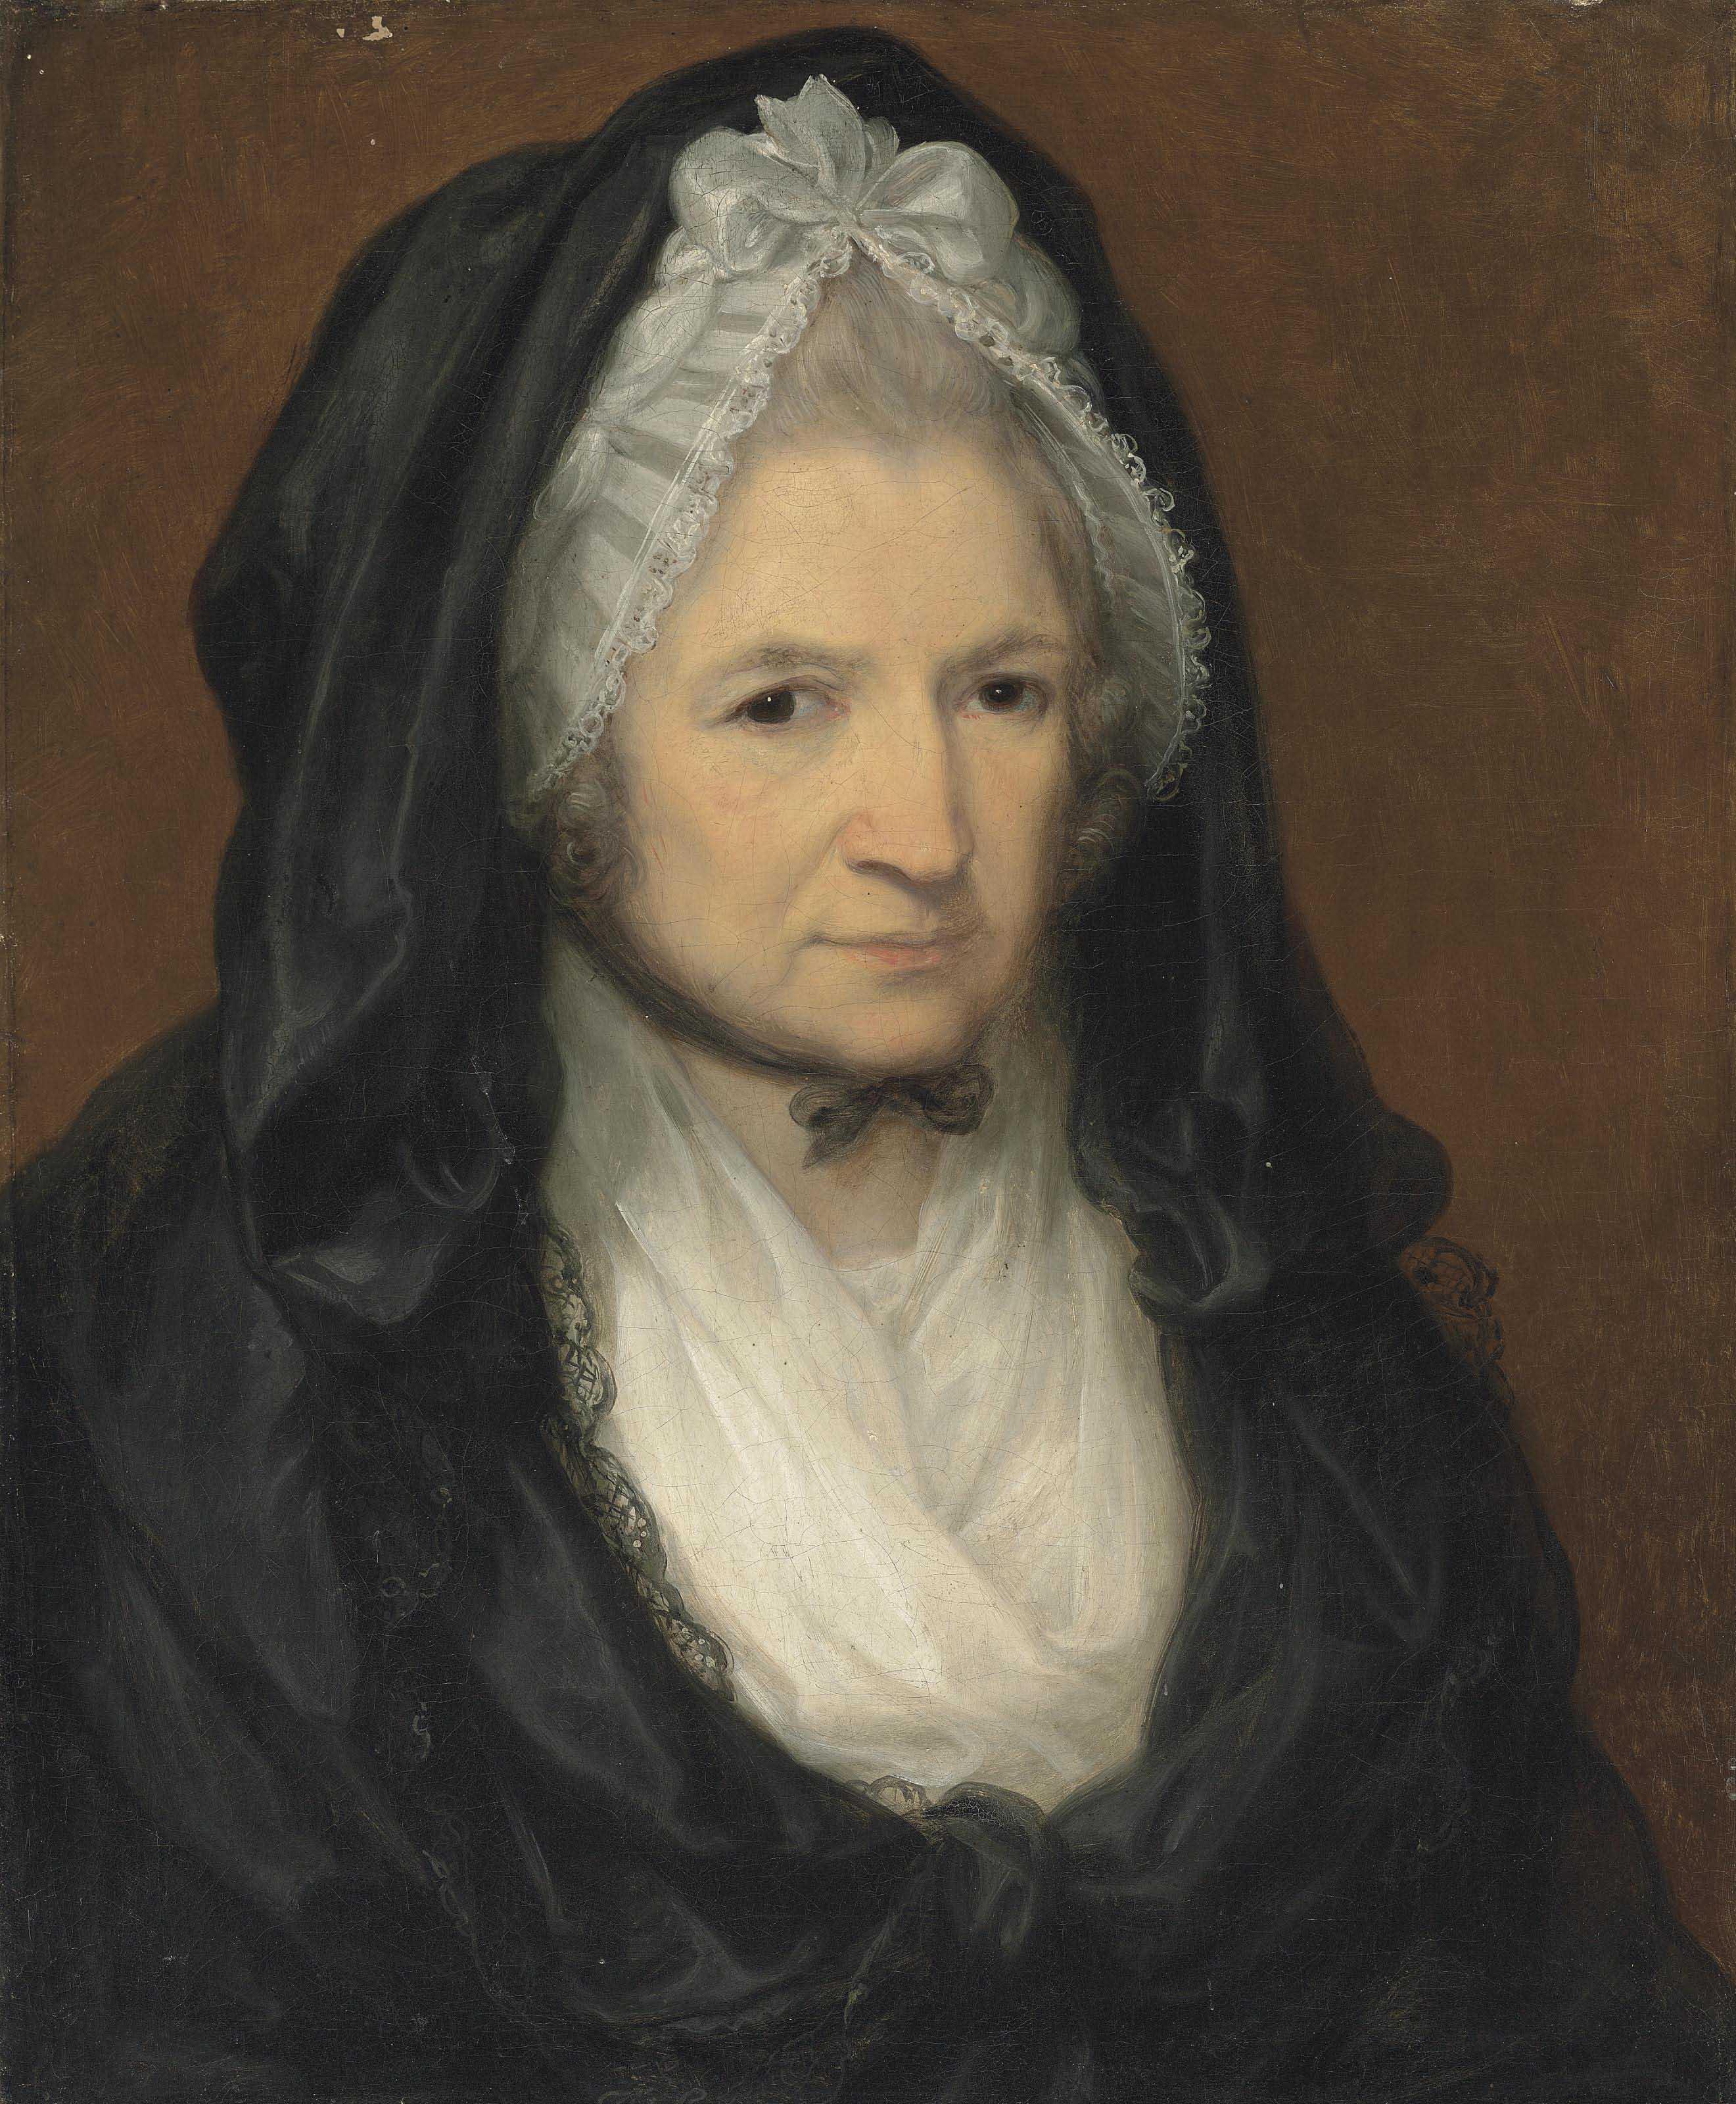 Angelica Kauffman (Chur, Graub